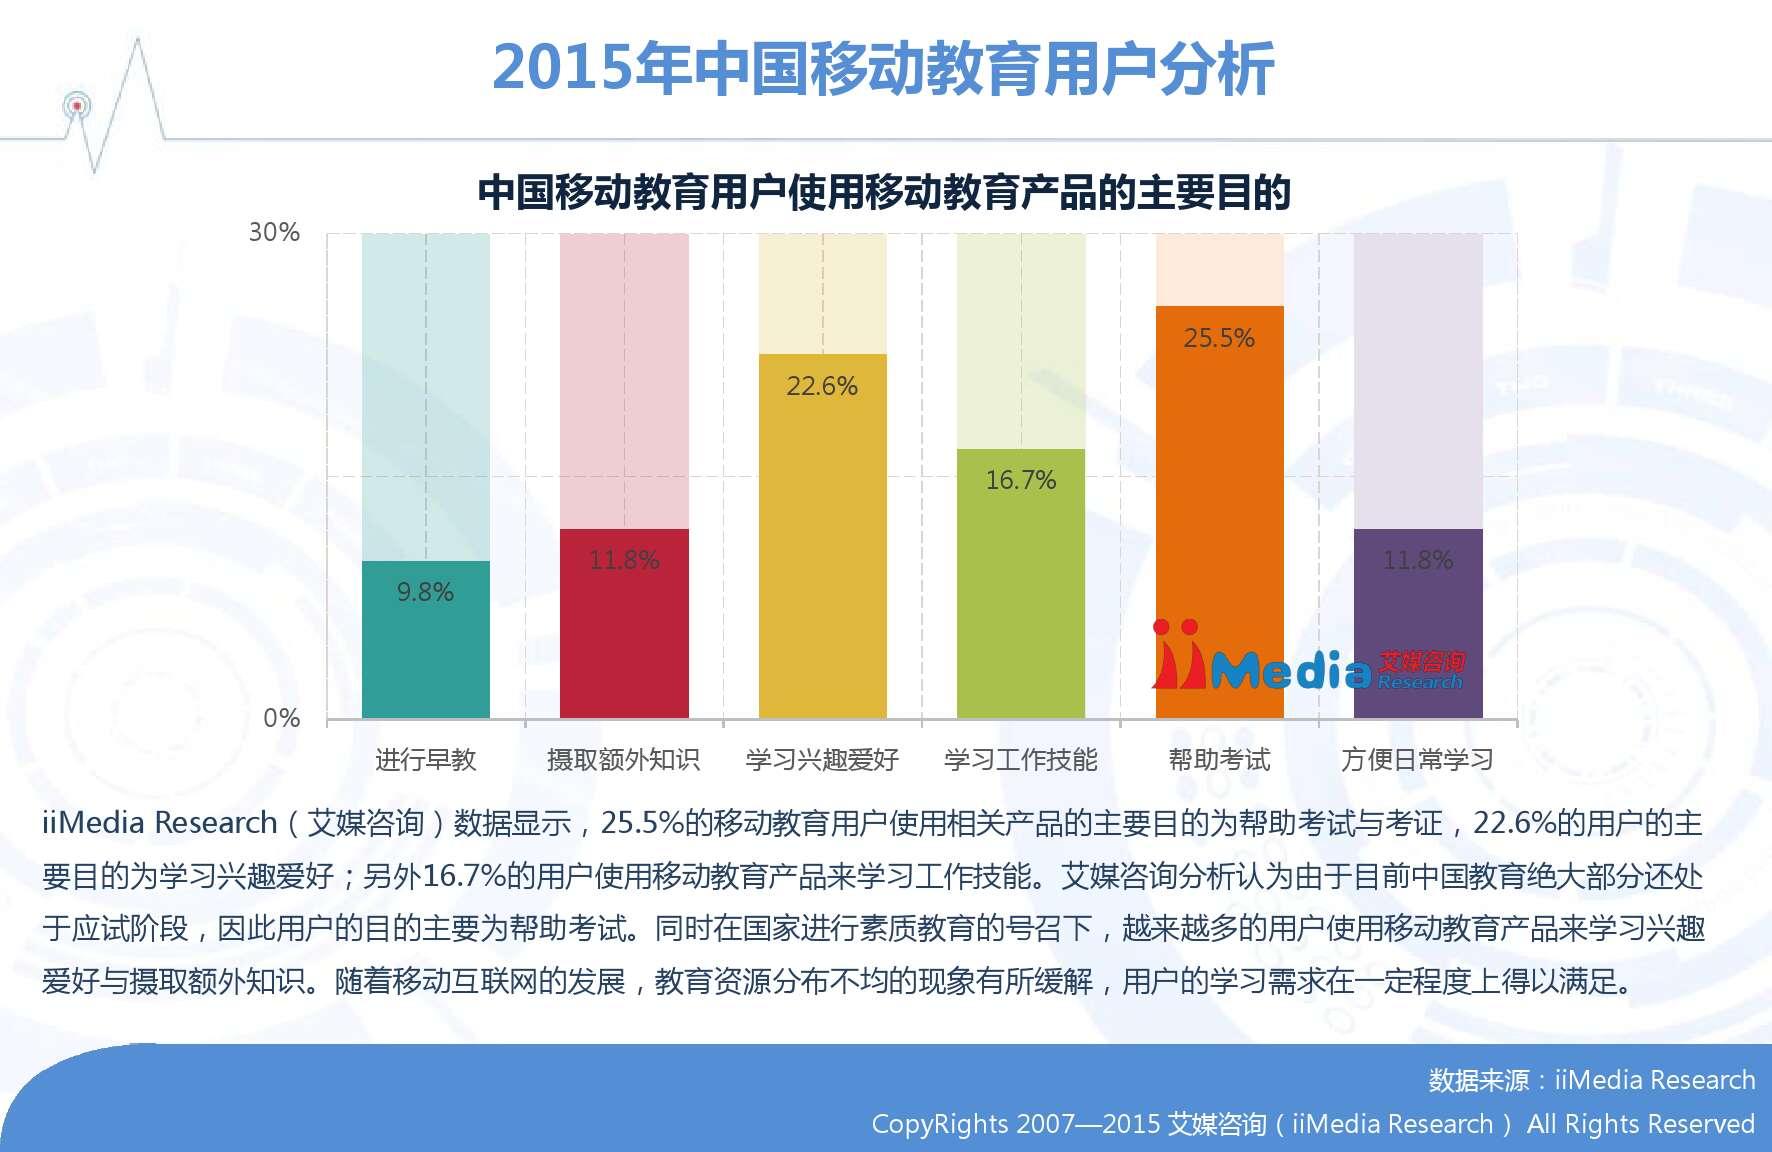 2015-2016年中国移动教育市场研究报告_000020